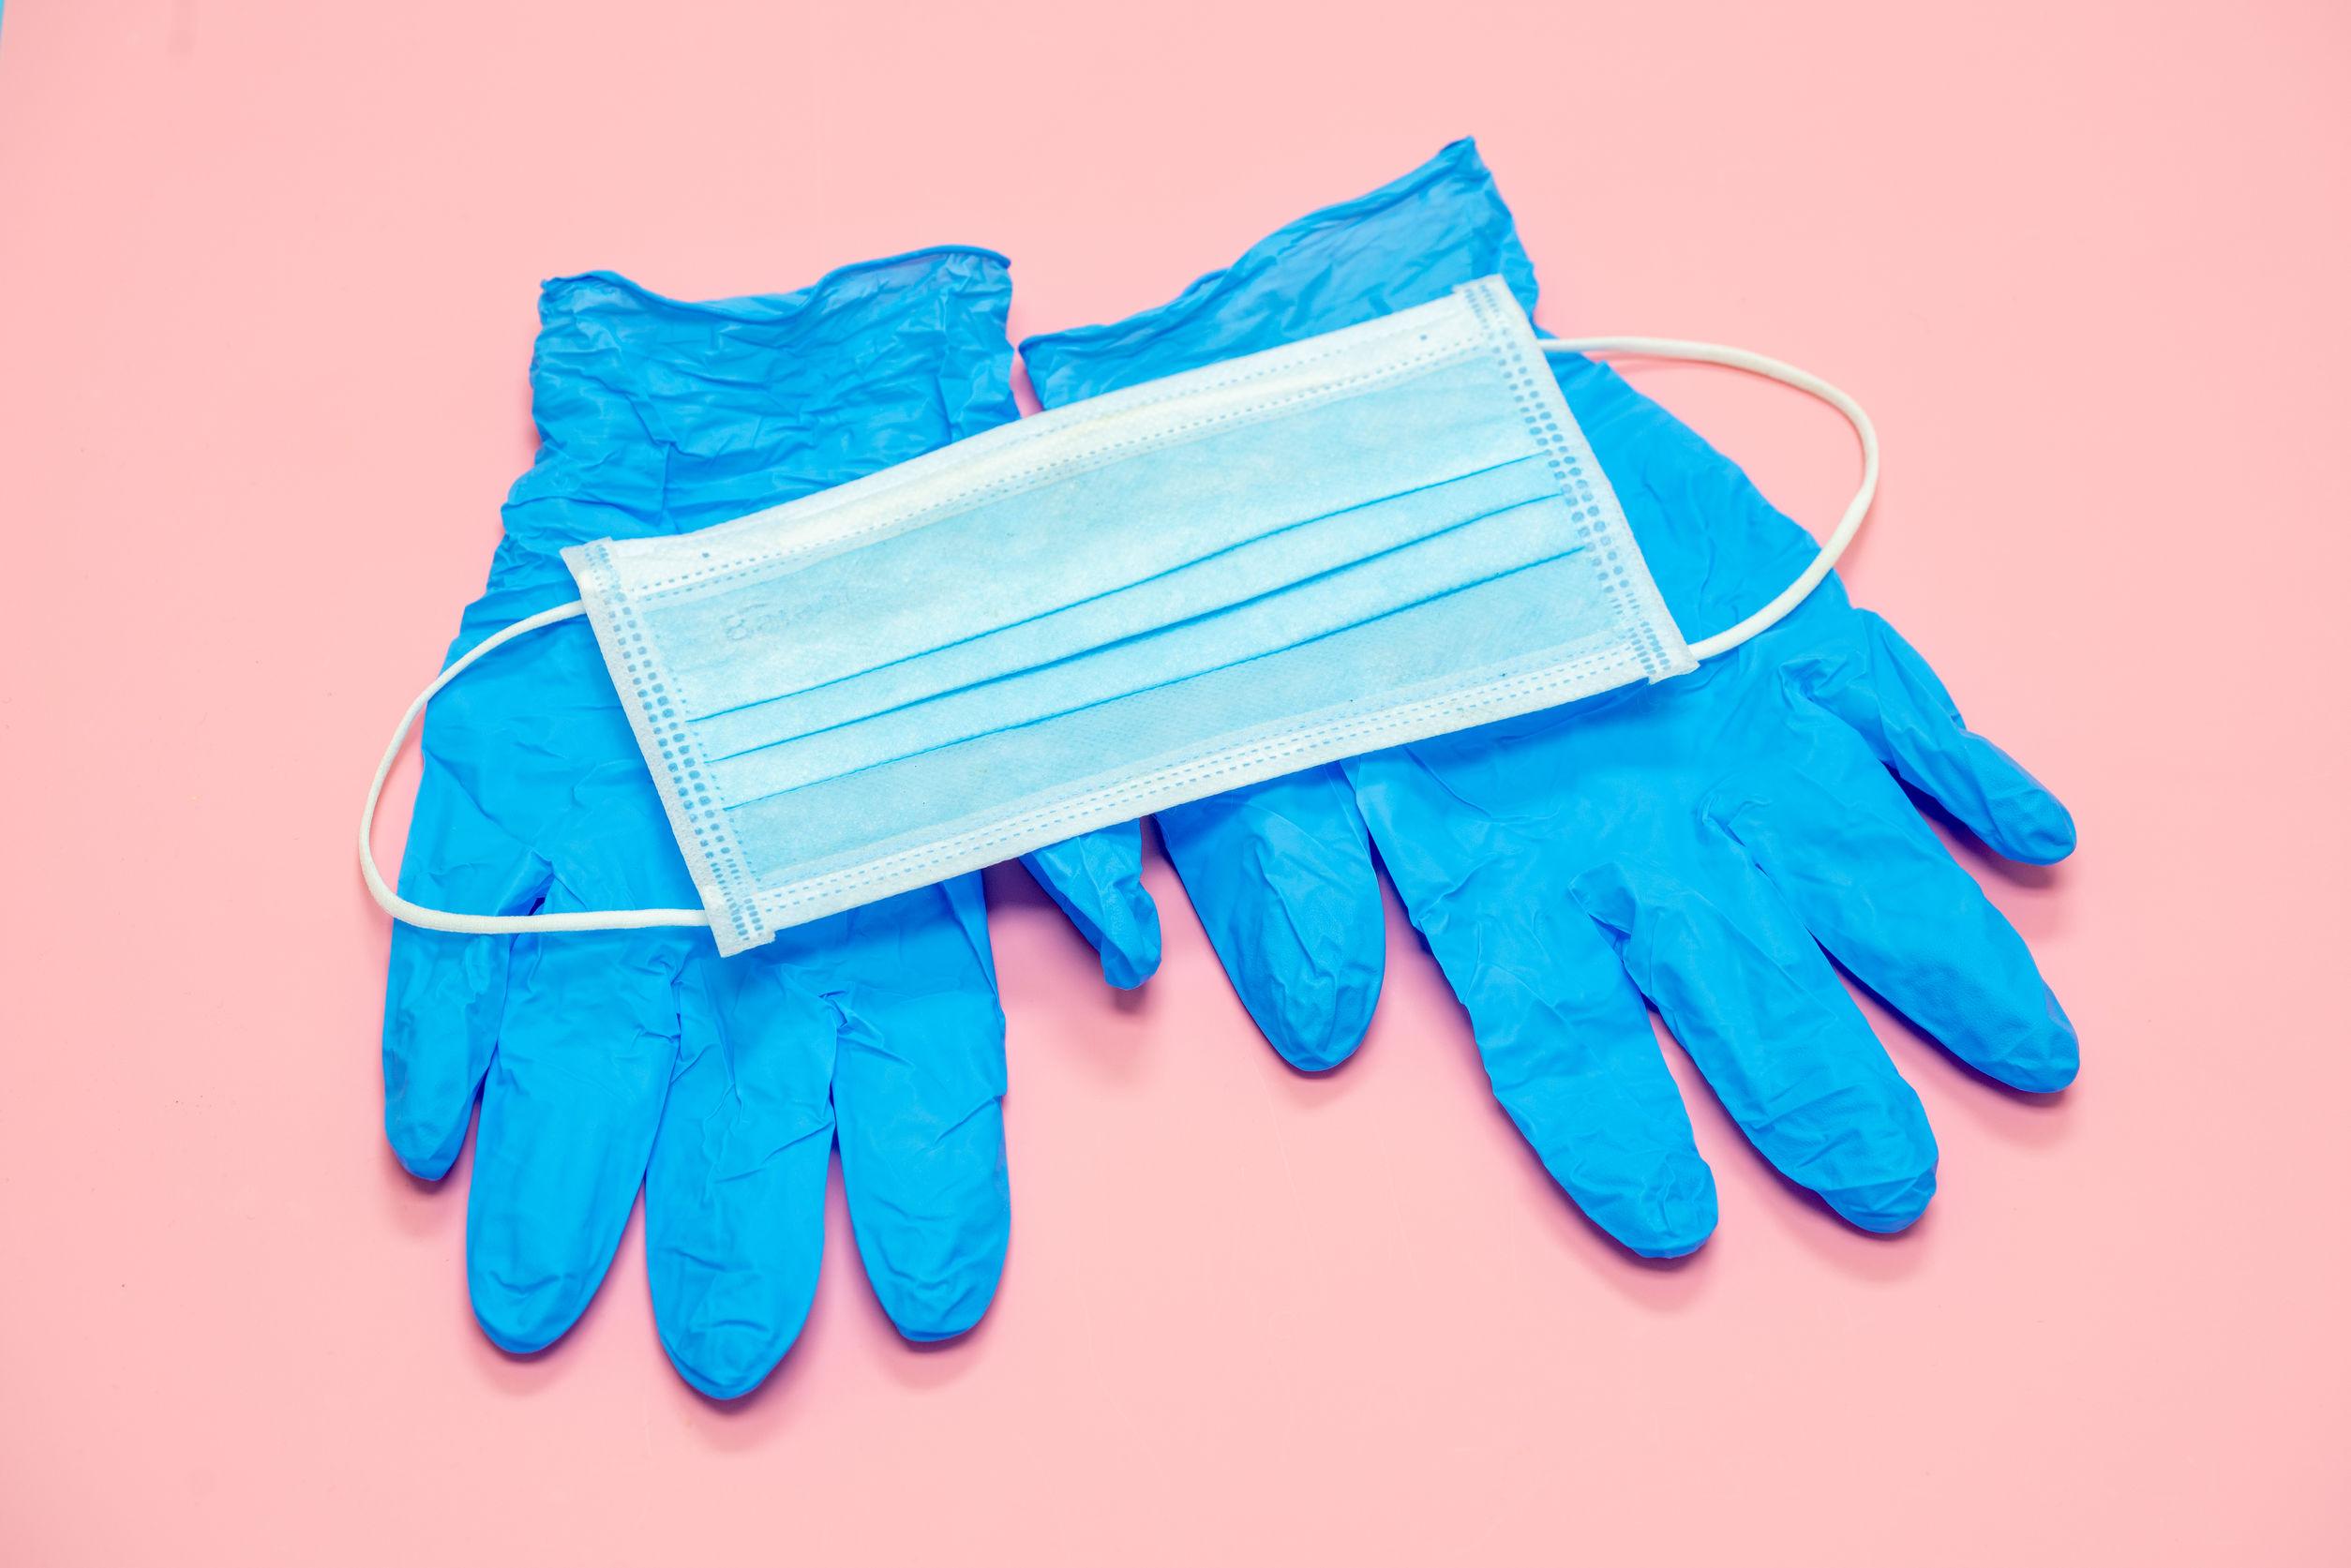 Las mascarillas y guantes protectores contra la COVID-19 pueden ser un peligro si no se desechan correctamente